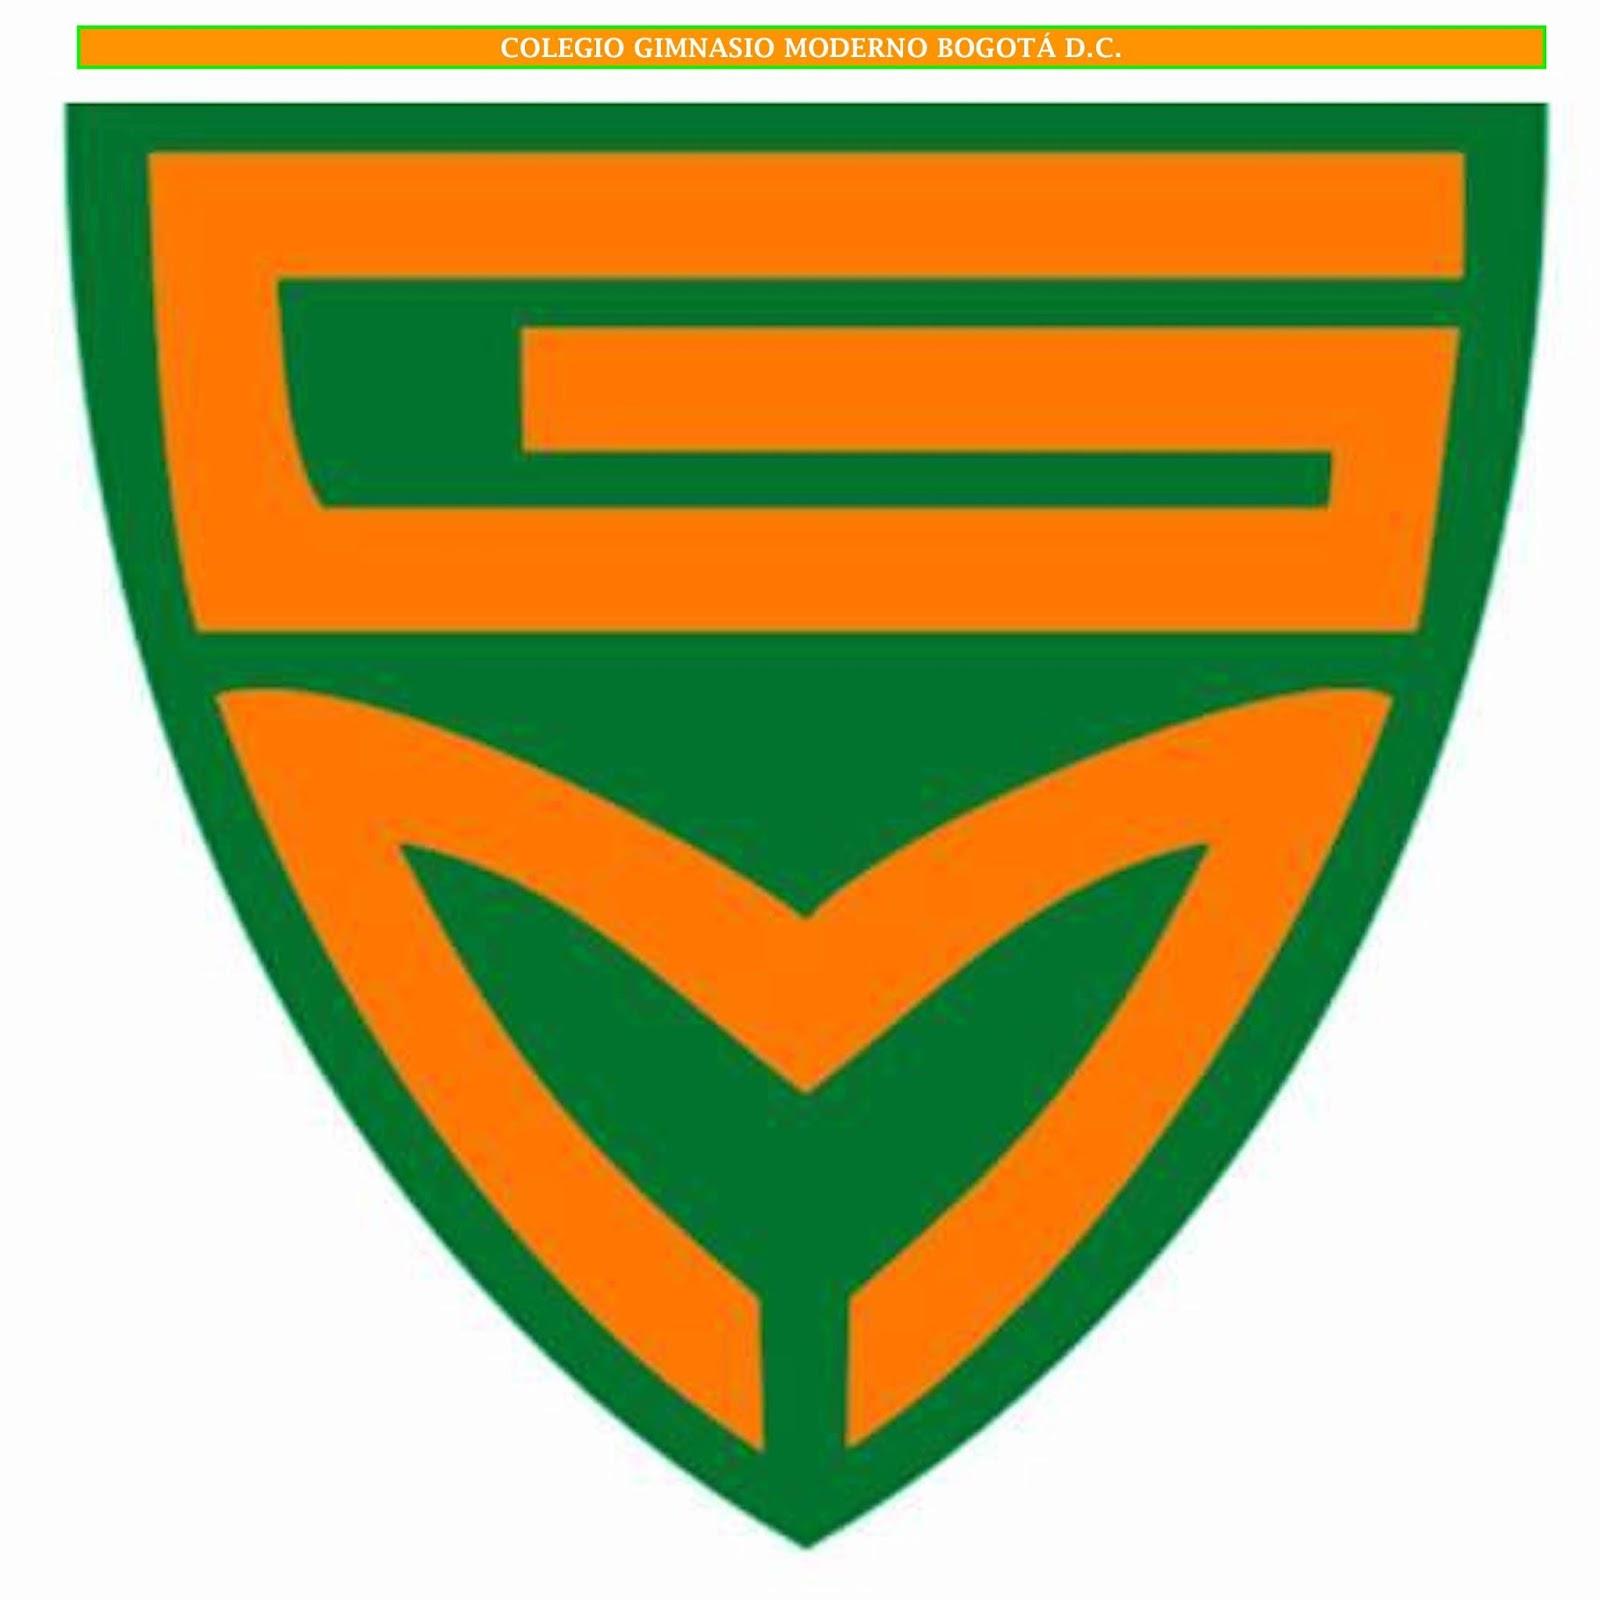 Gimnasio moderno clase del 69 for Gimnasio 60 entre 8 y 9